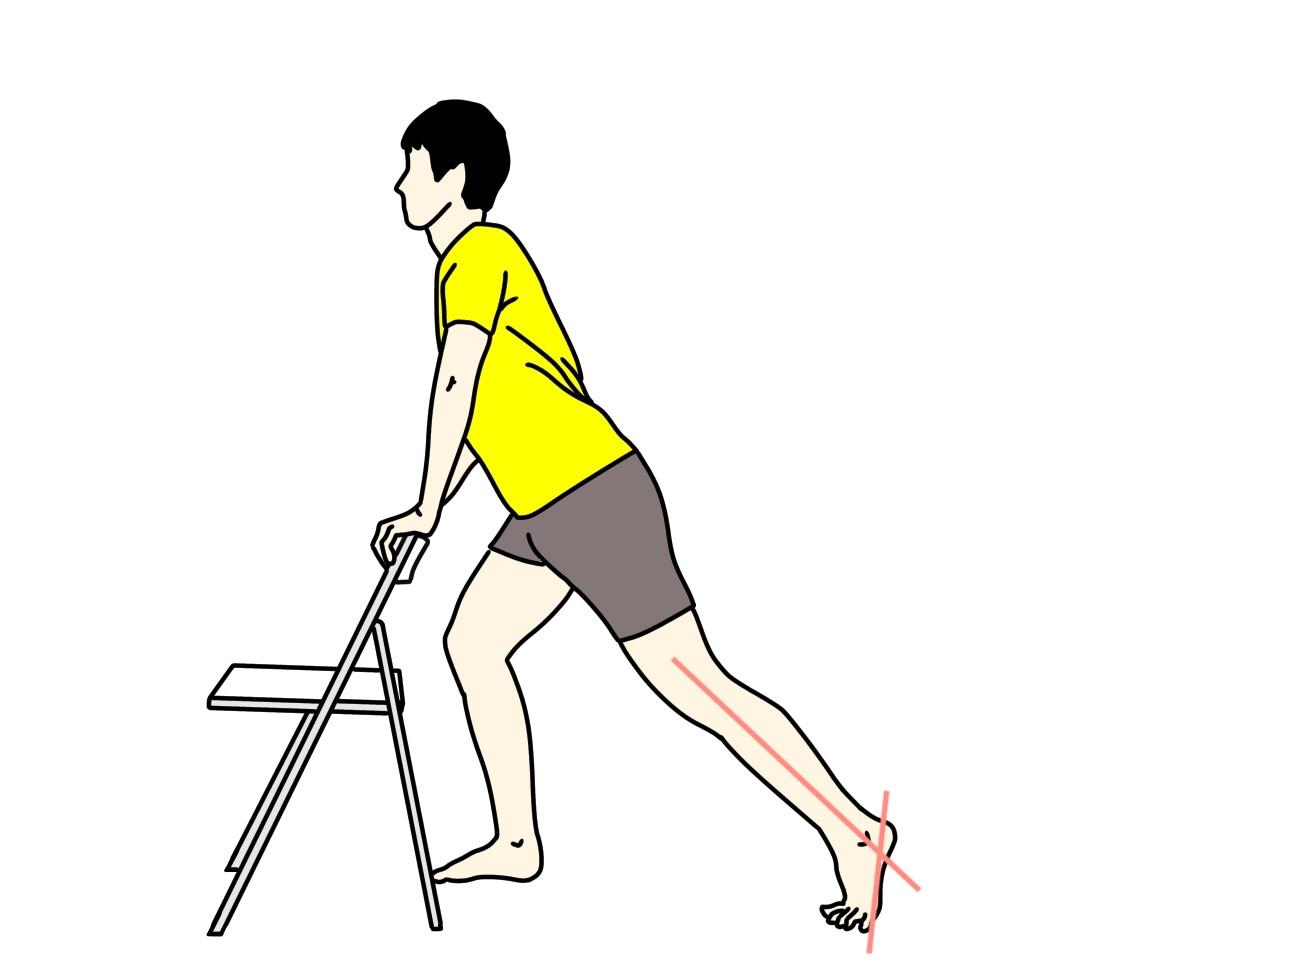 椅子につかまって行うふくらはぎの筋肉(下腿三頭筋)のストレッチの方法1